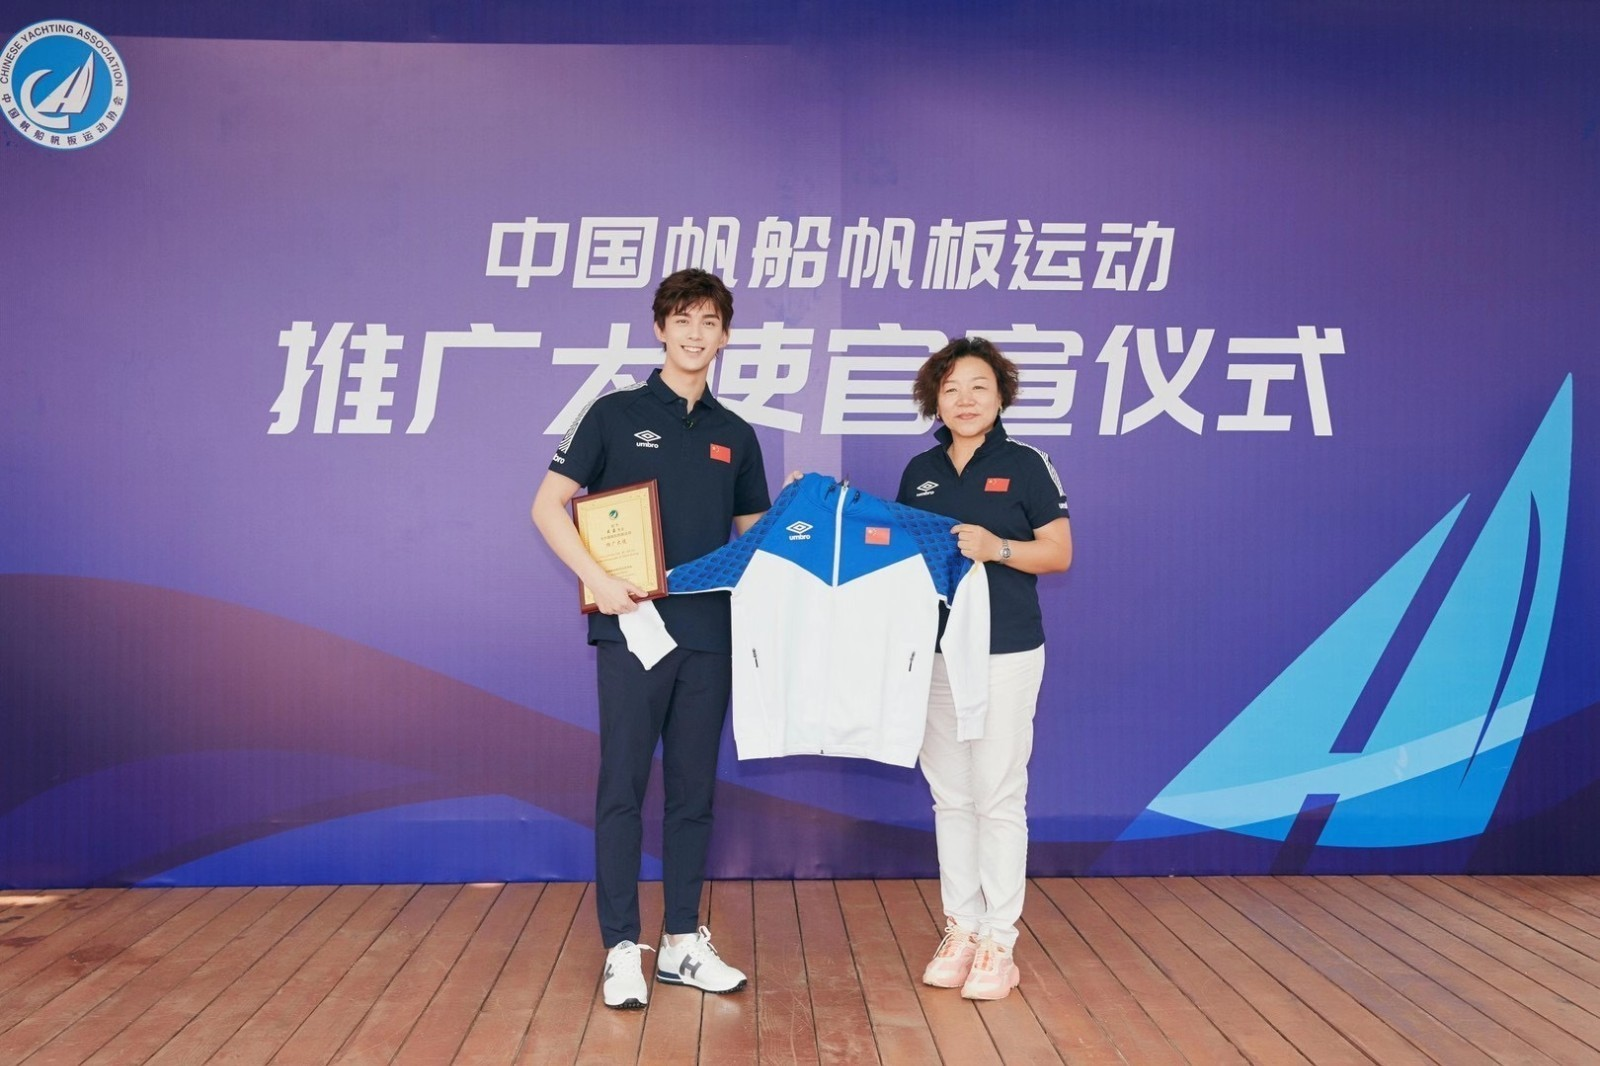 早餐9.10| 普华永道:中国已是全球第一大电竞市场 吴磊成为中国帆船帆板运动推广大使